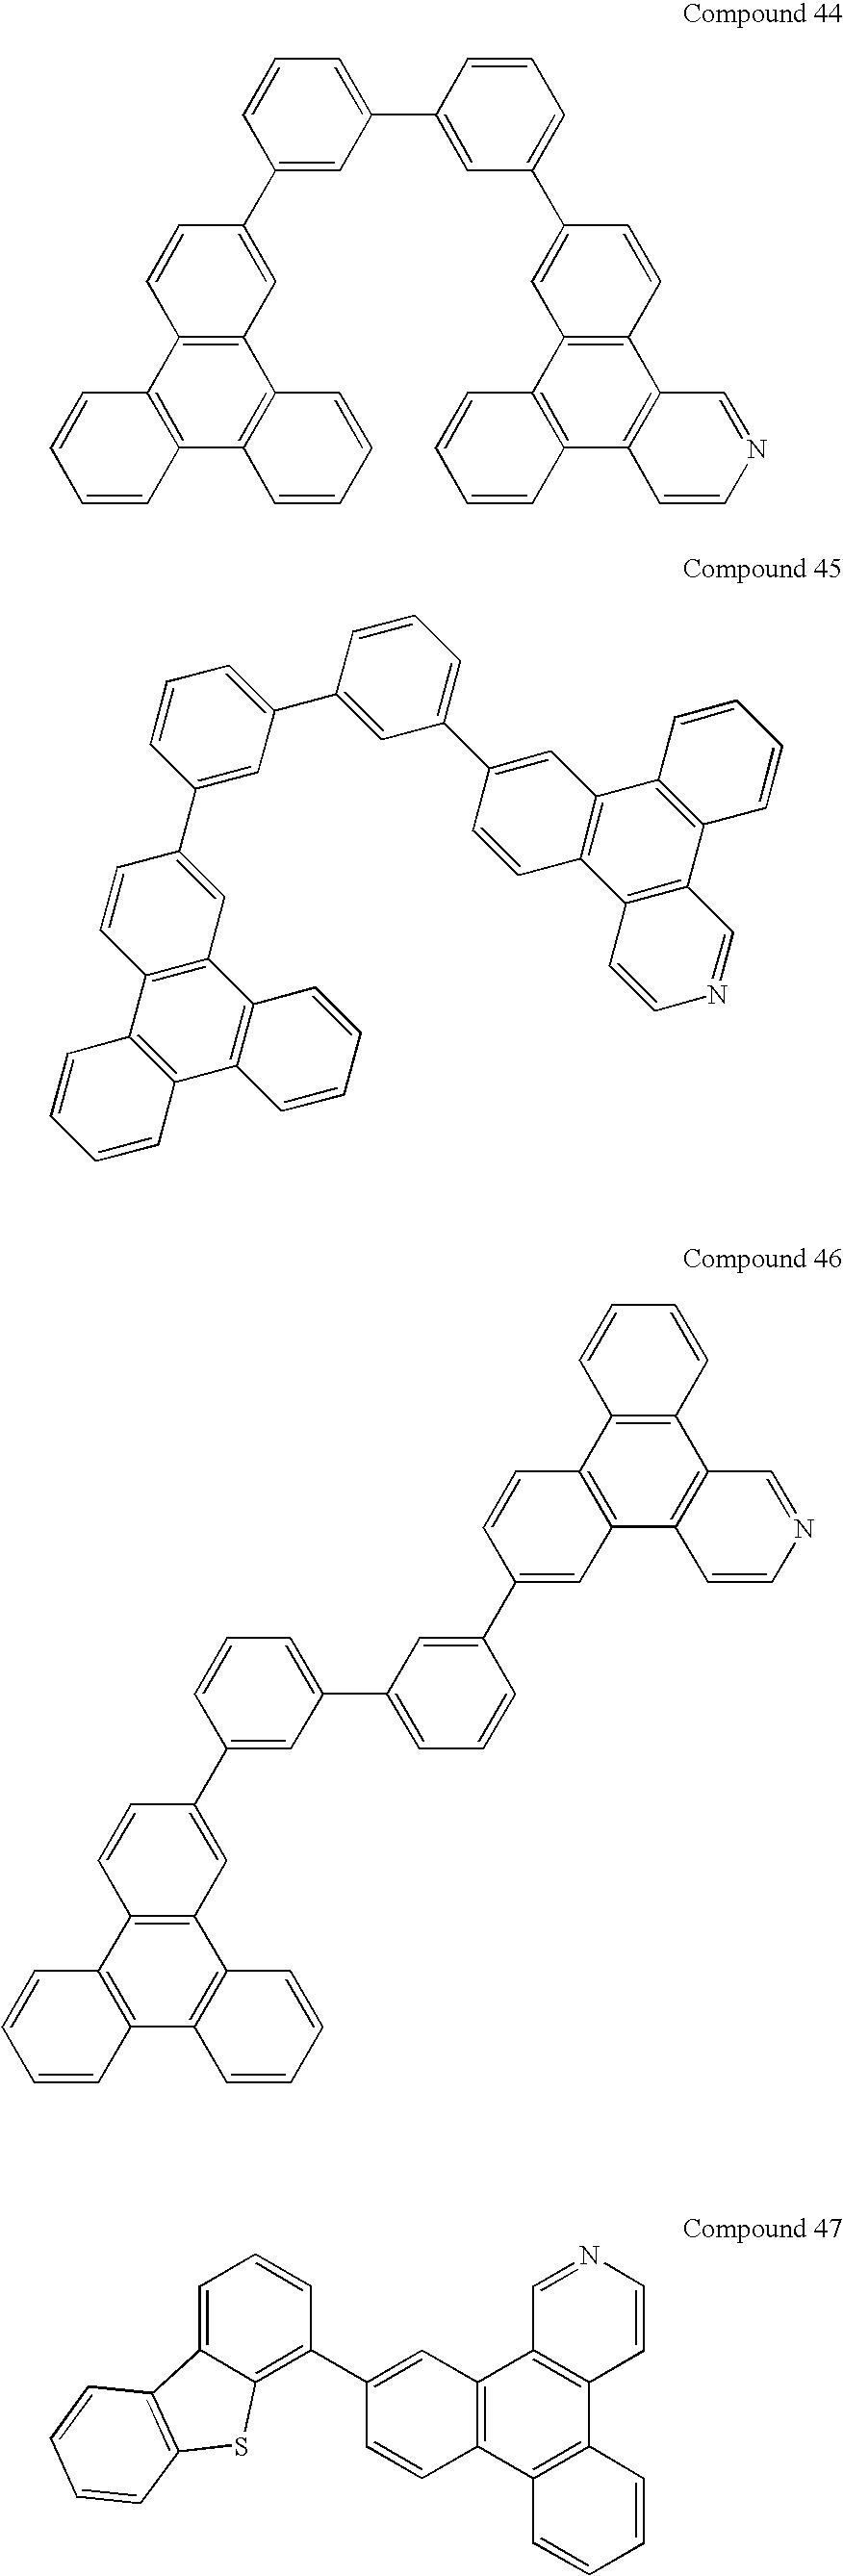 Figure US20100289406A1-20101118-C00041